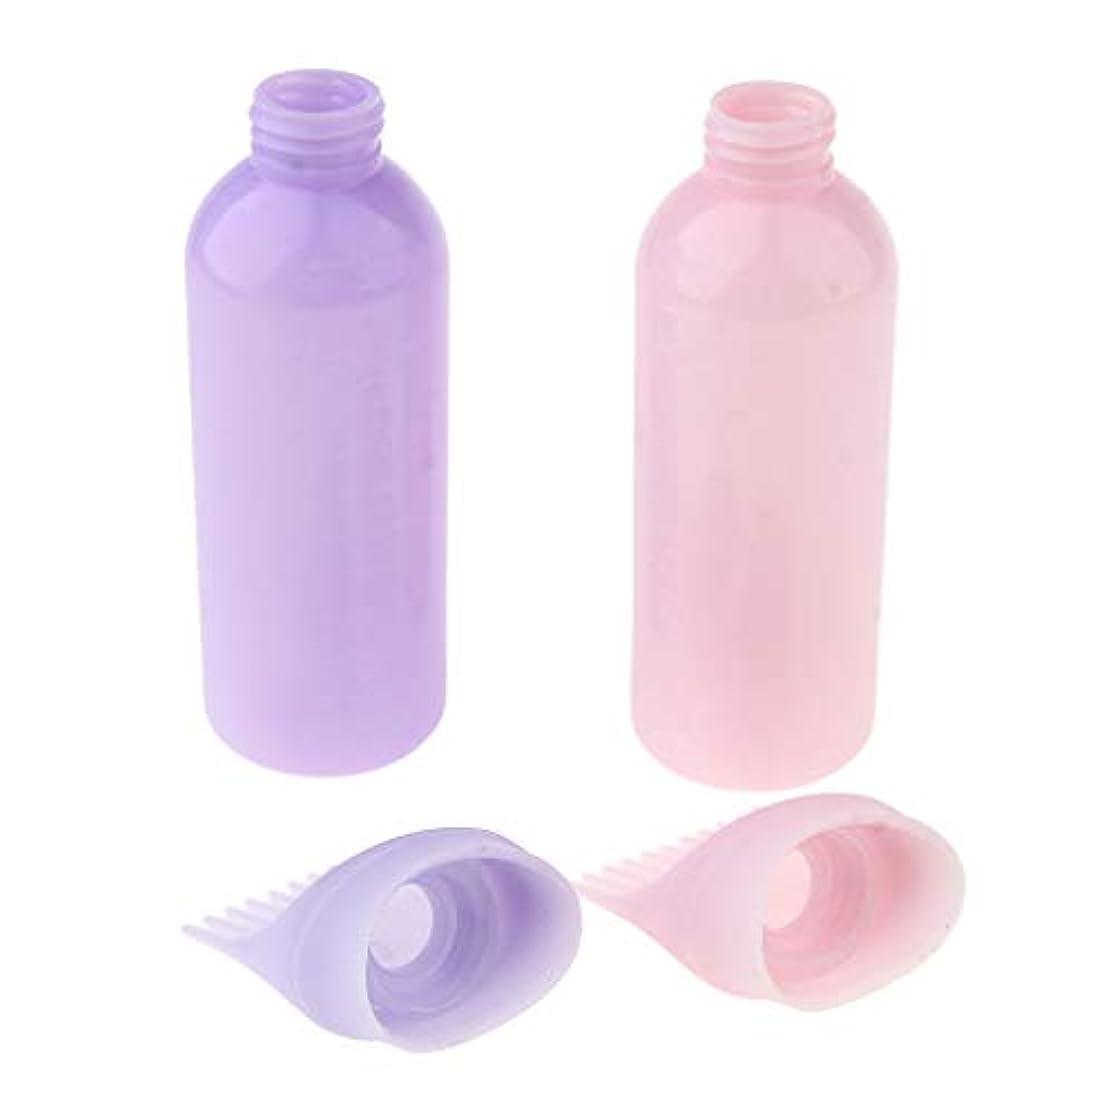 ちっちゃい百万見積り全2点 プラスチック製 着色ボトル 瓶 ヘアカラーリング用品 ヘアダイブラシ